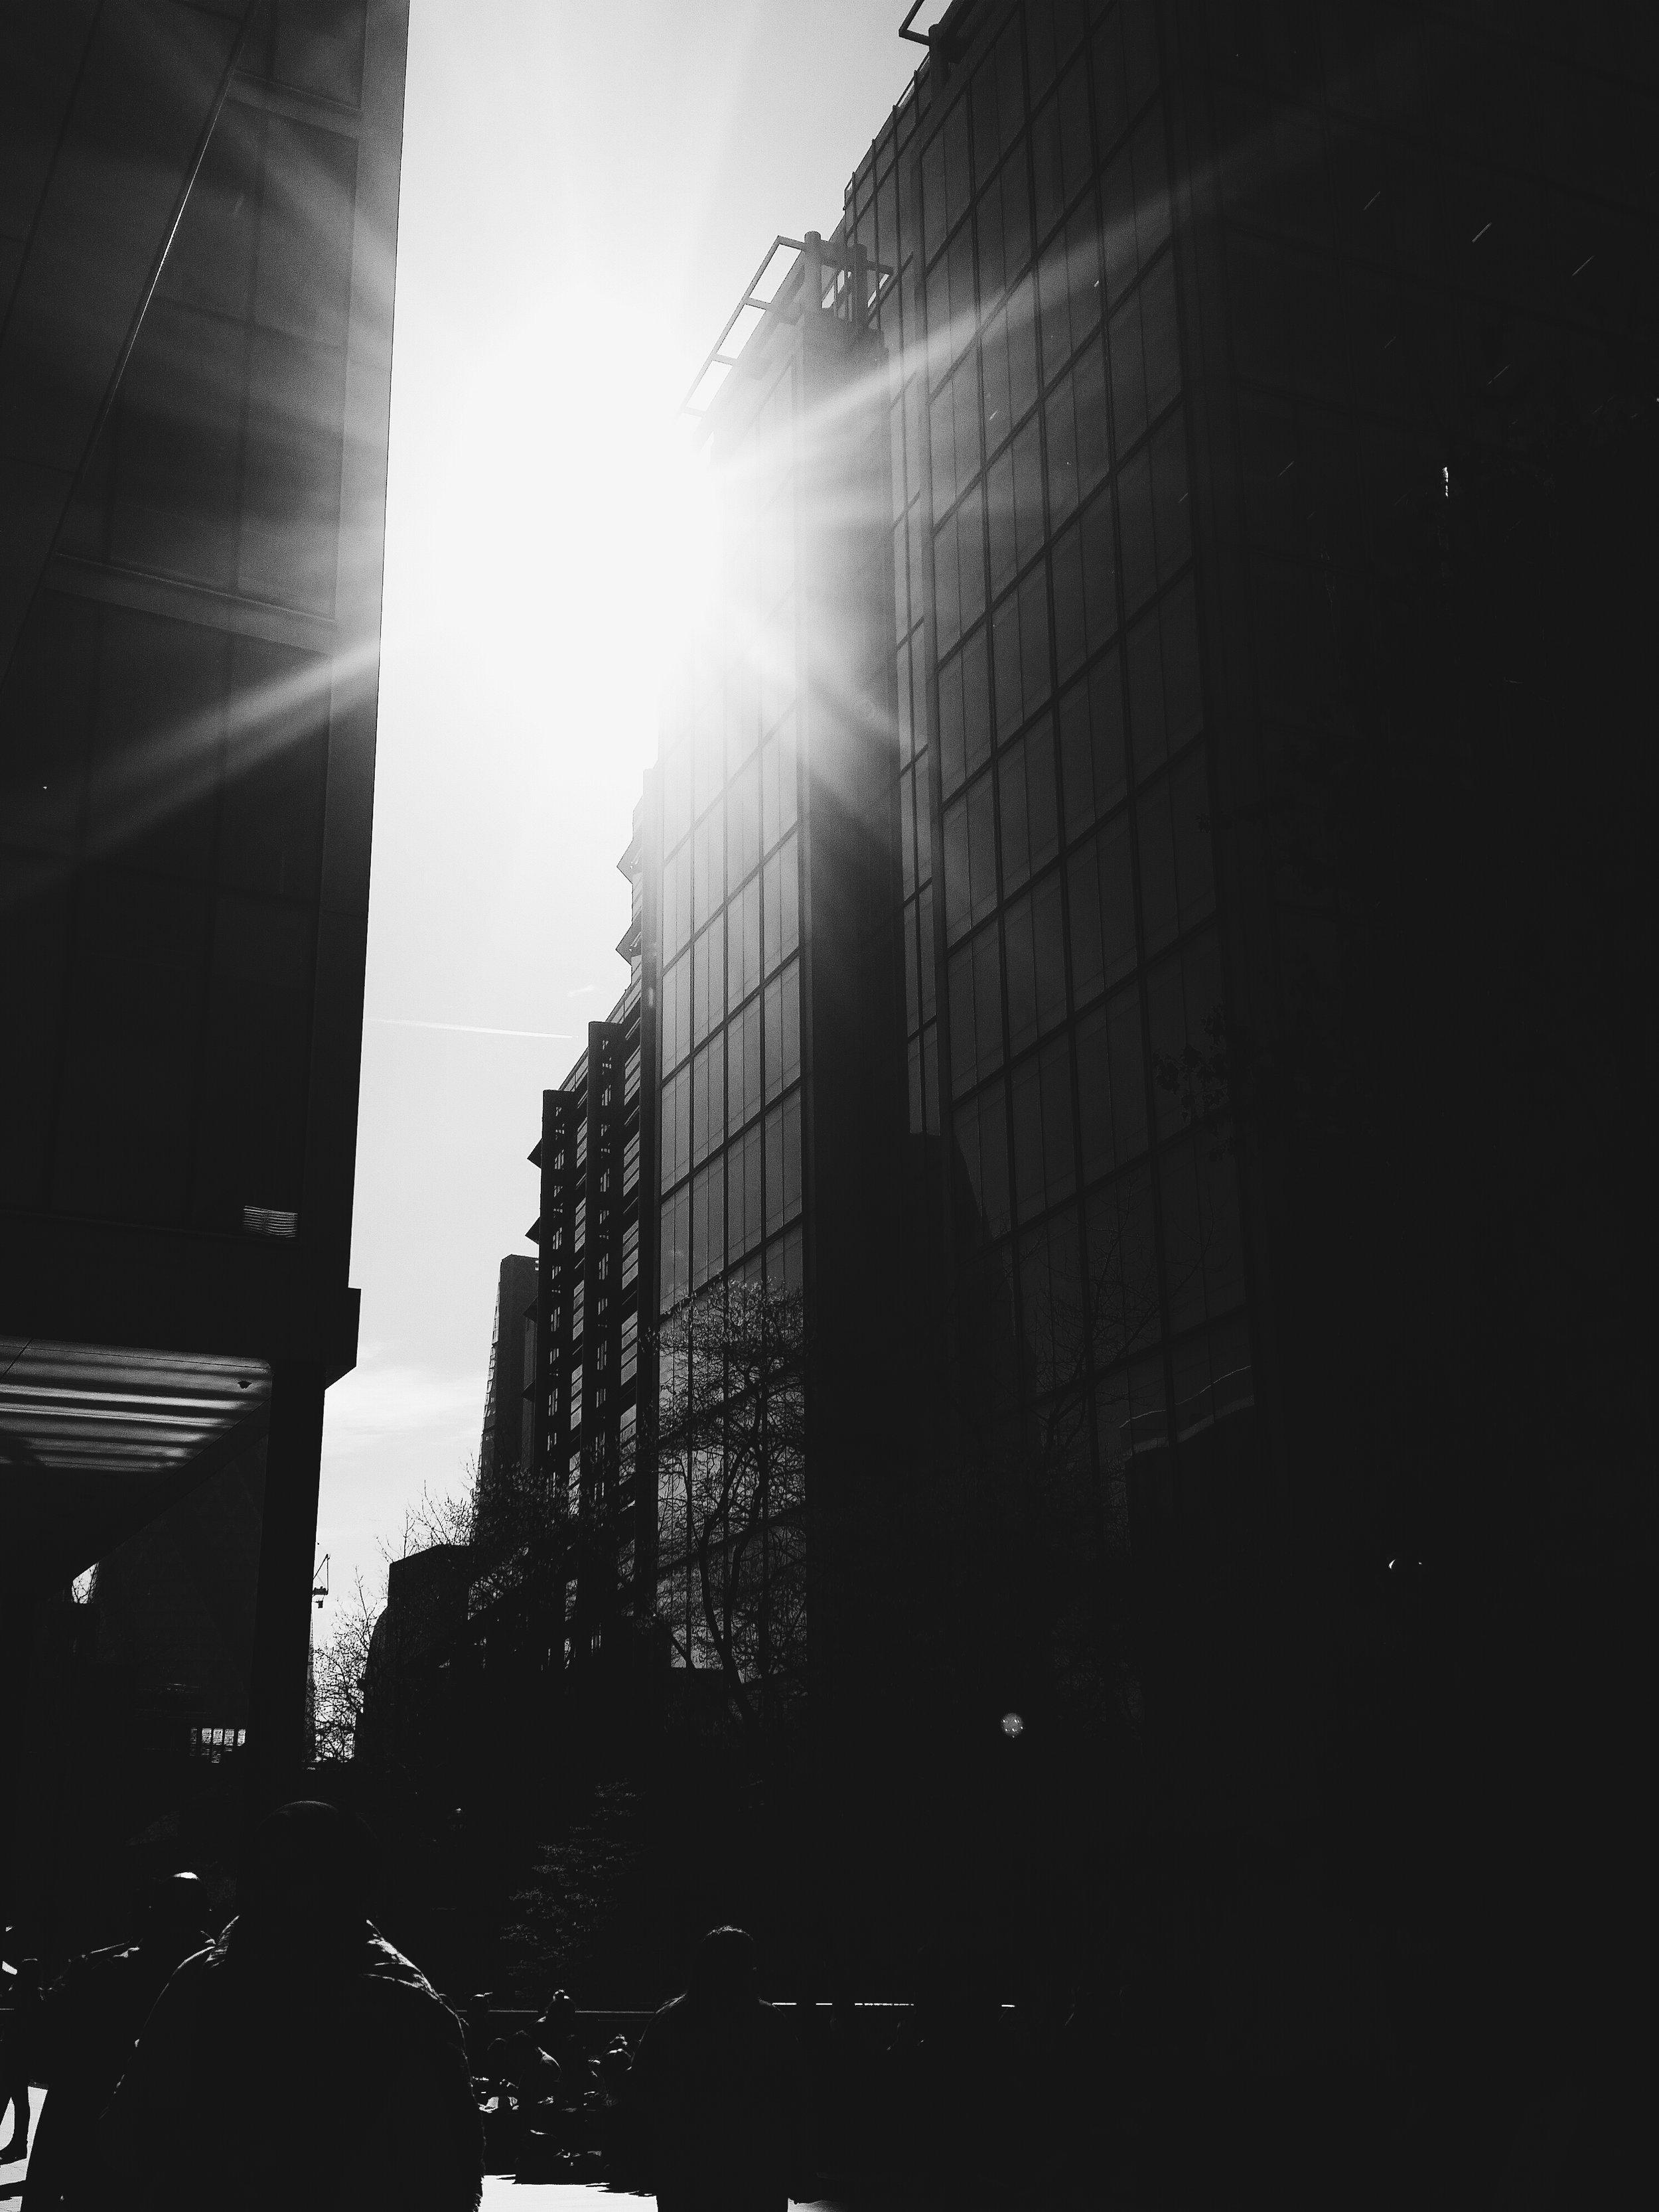 2017-03-15 01.36.44 1.jpg